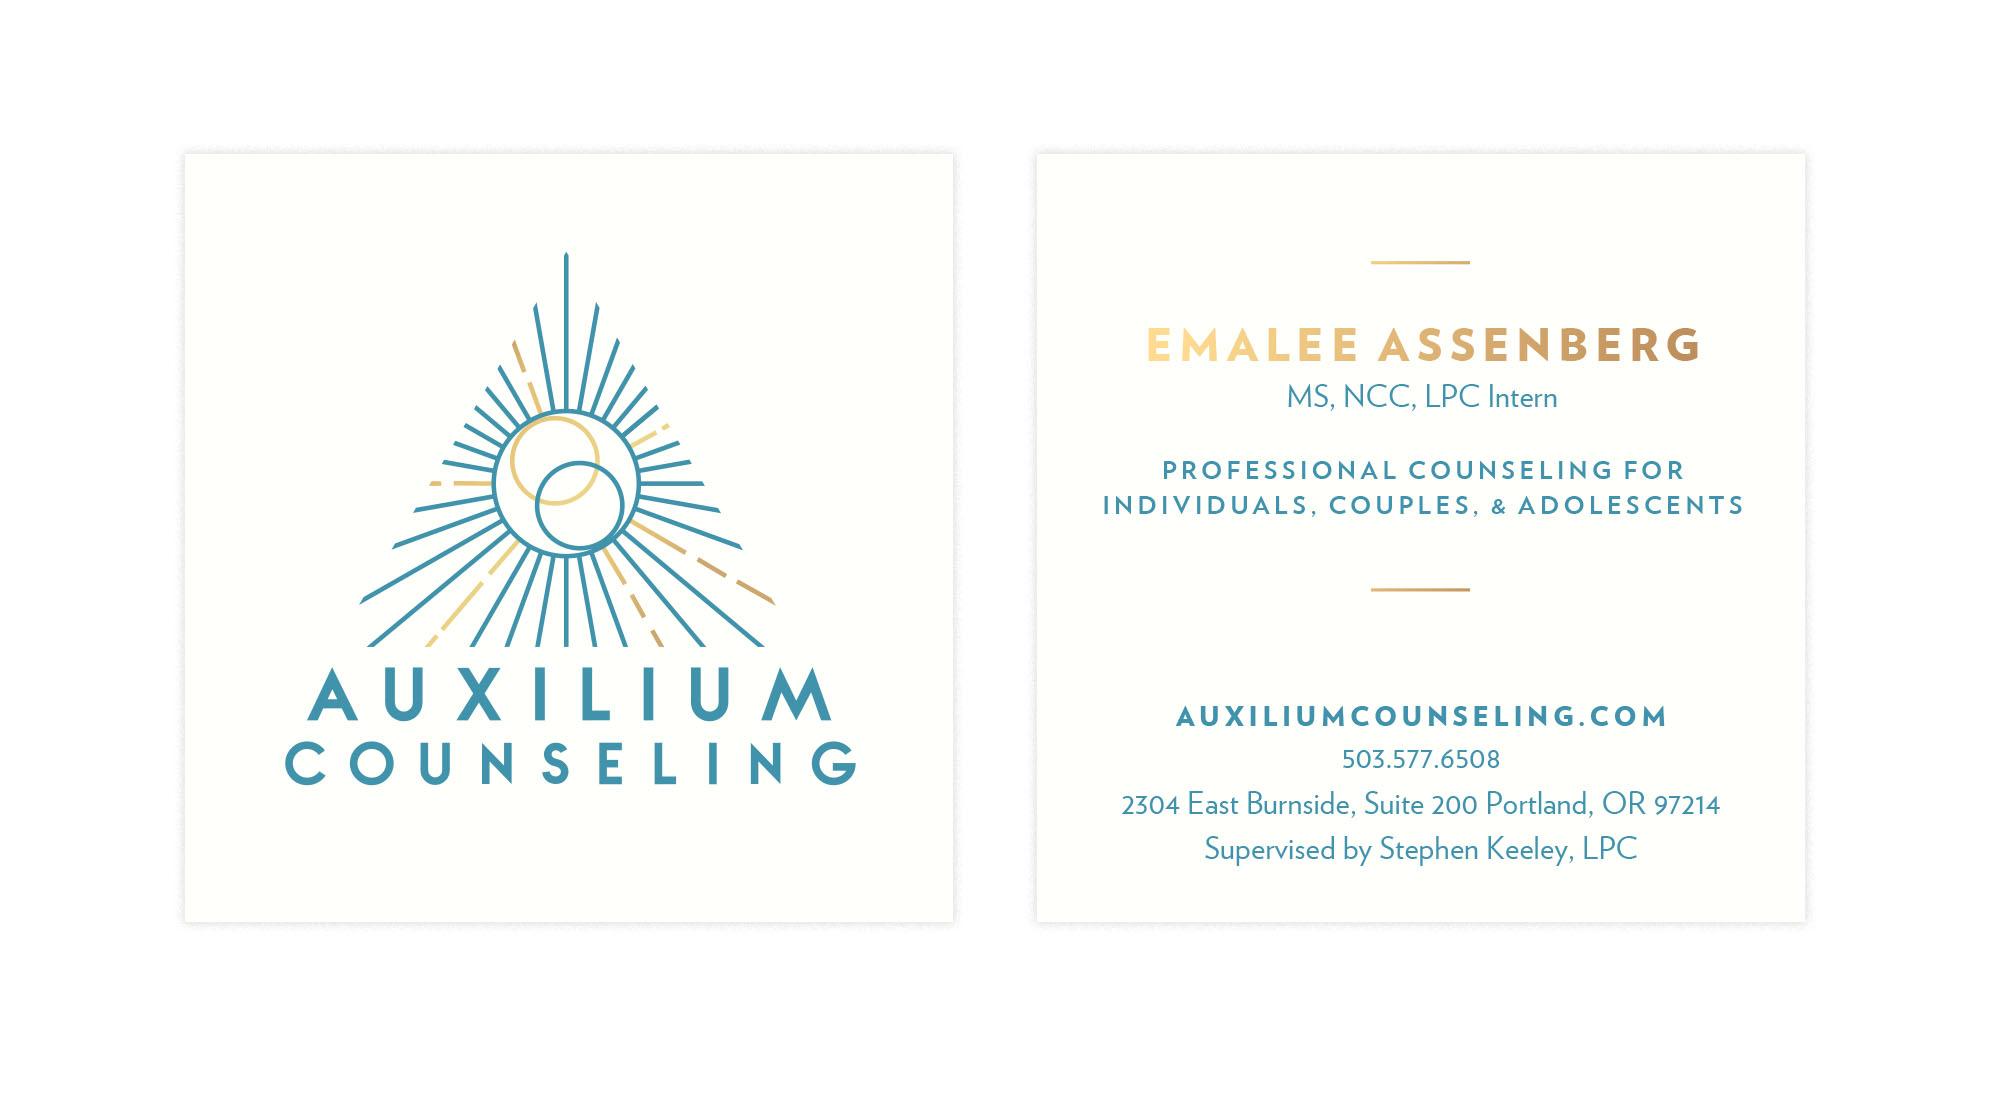 Auxilium12.jpg